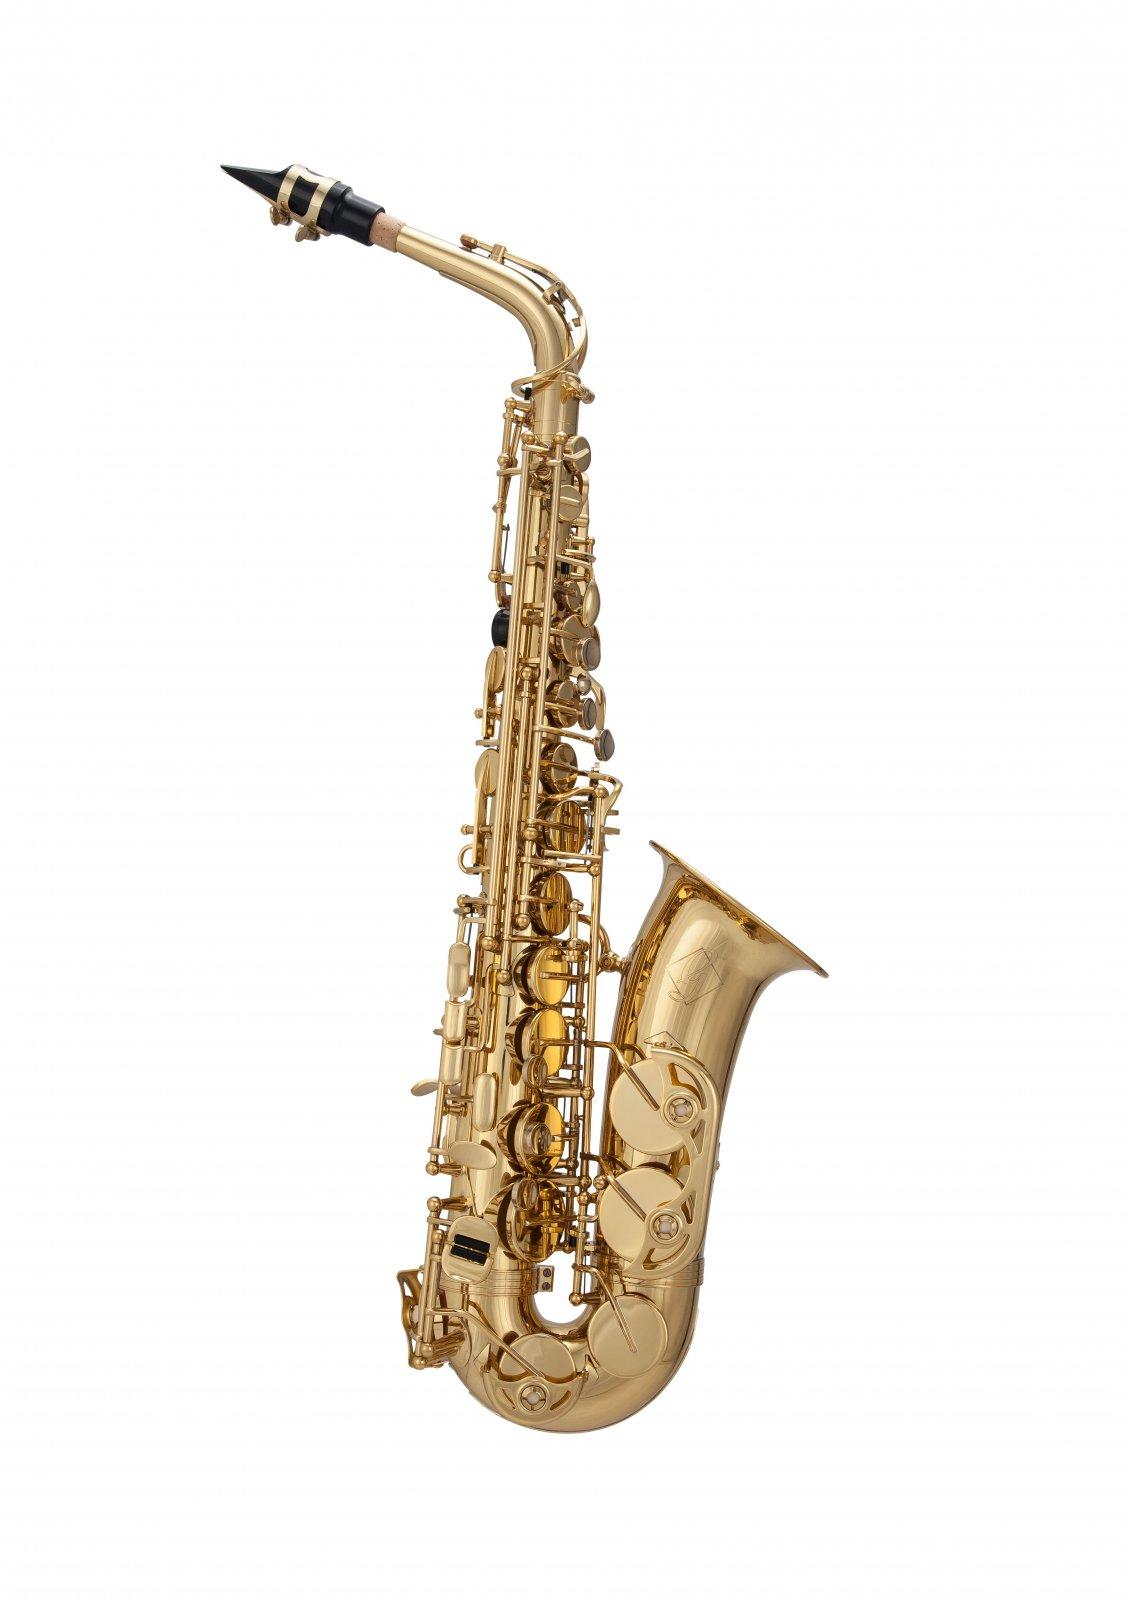 Gemeinhardt Artisan Alto Saxophone